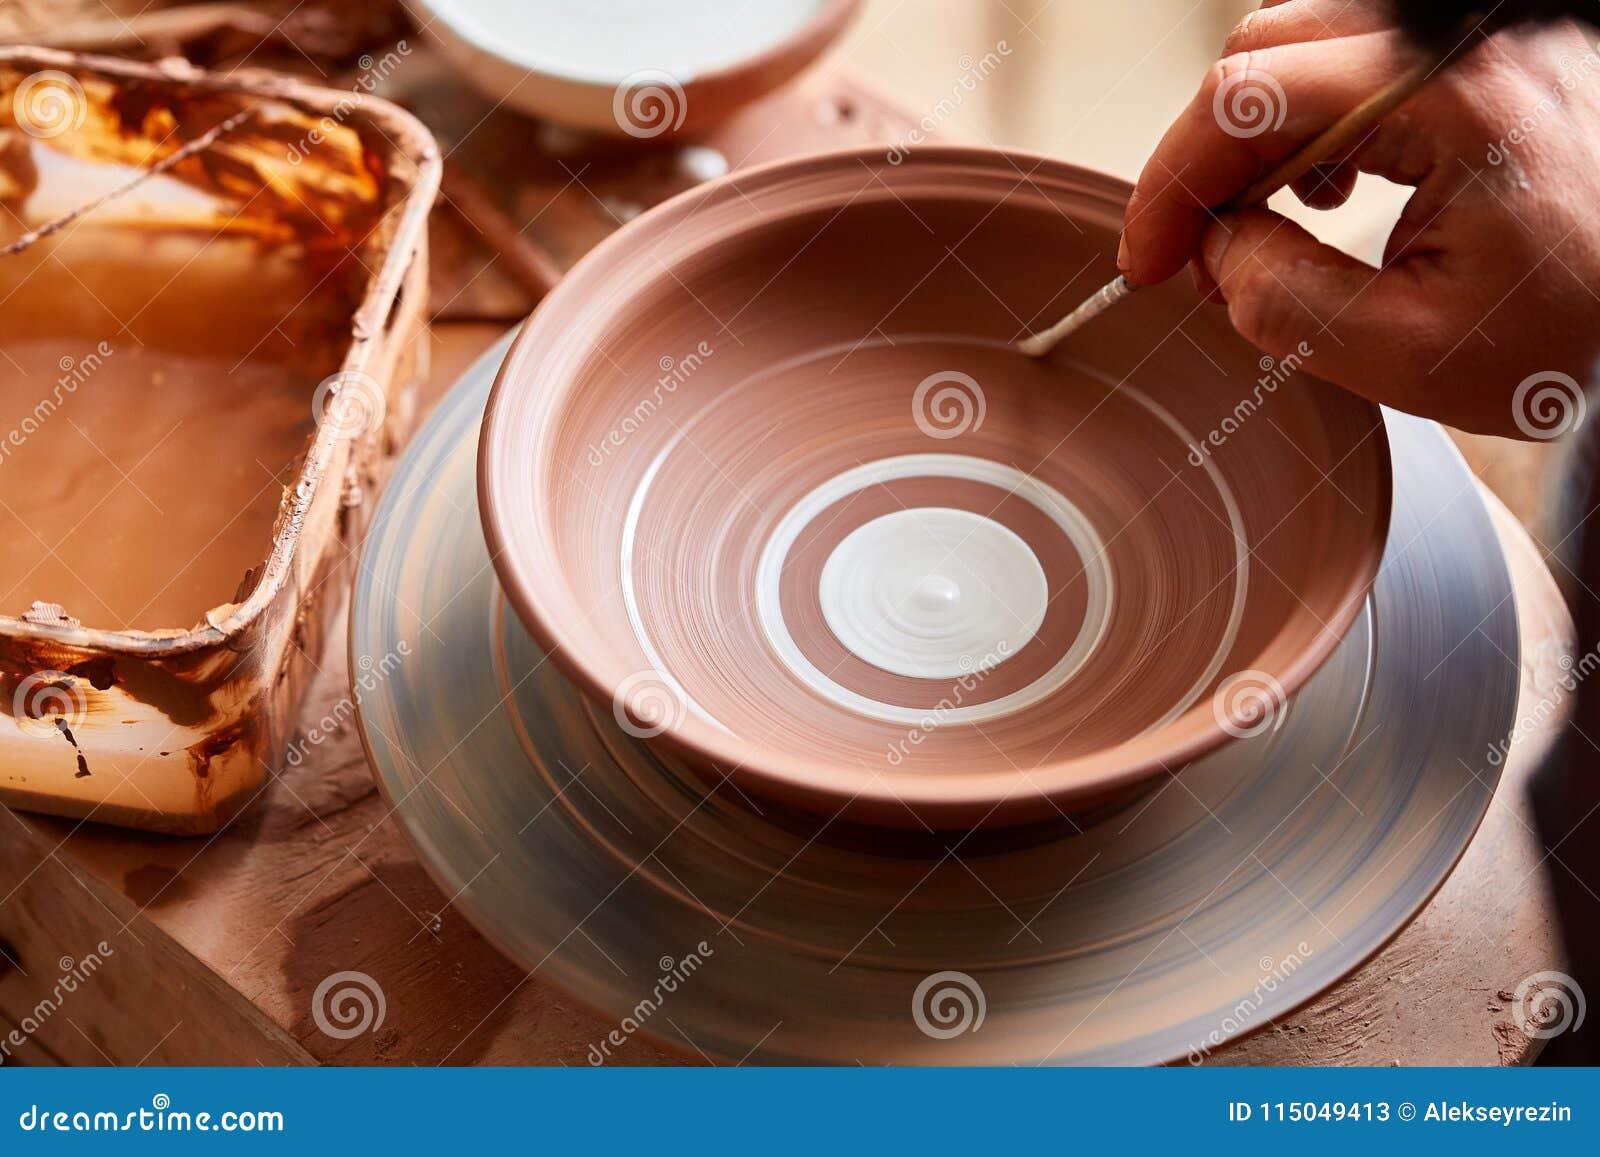 Όμοια χειροποίητη κούπα αγγειοπλαστών τρομακτικού προσώπου σε ένα ξύλινο ράφι, κινηματογράφηση σε πρώτο πλάνο, shellow βάθος του